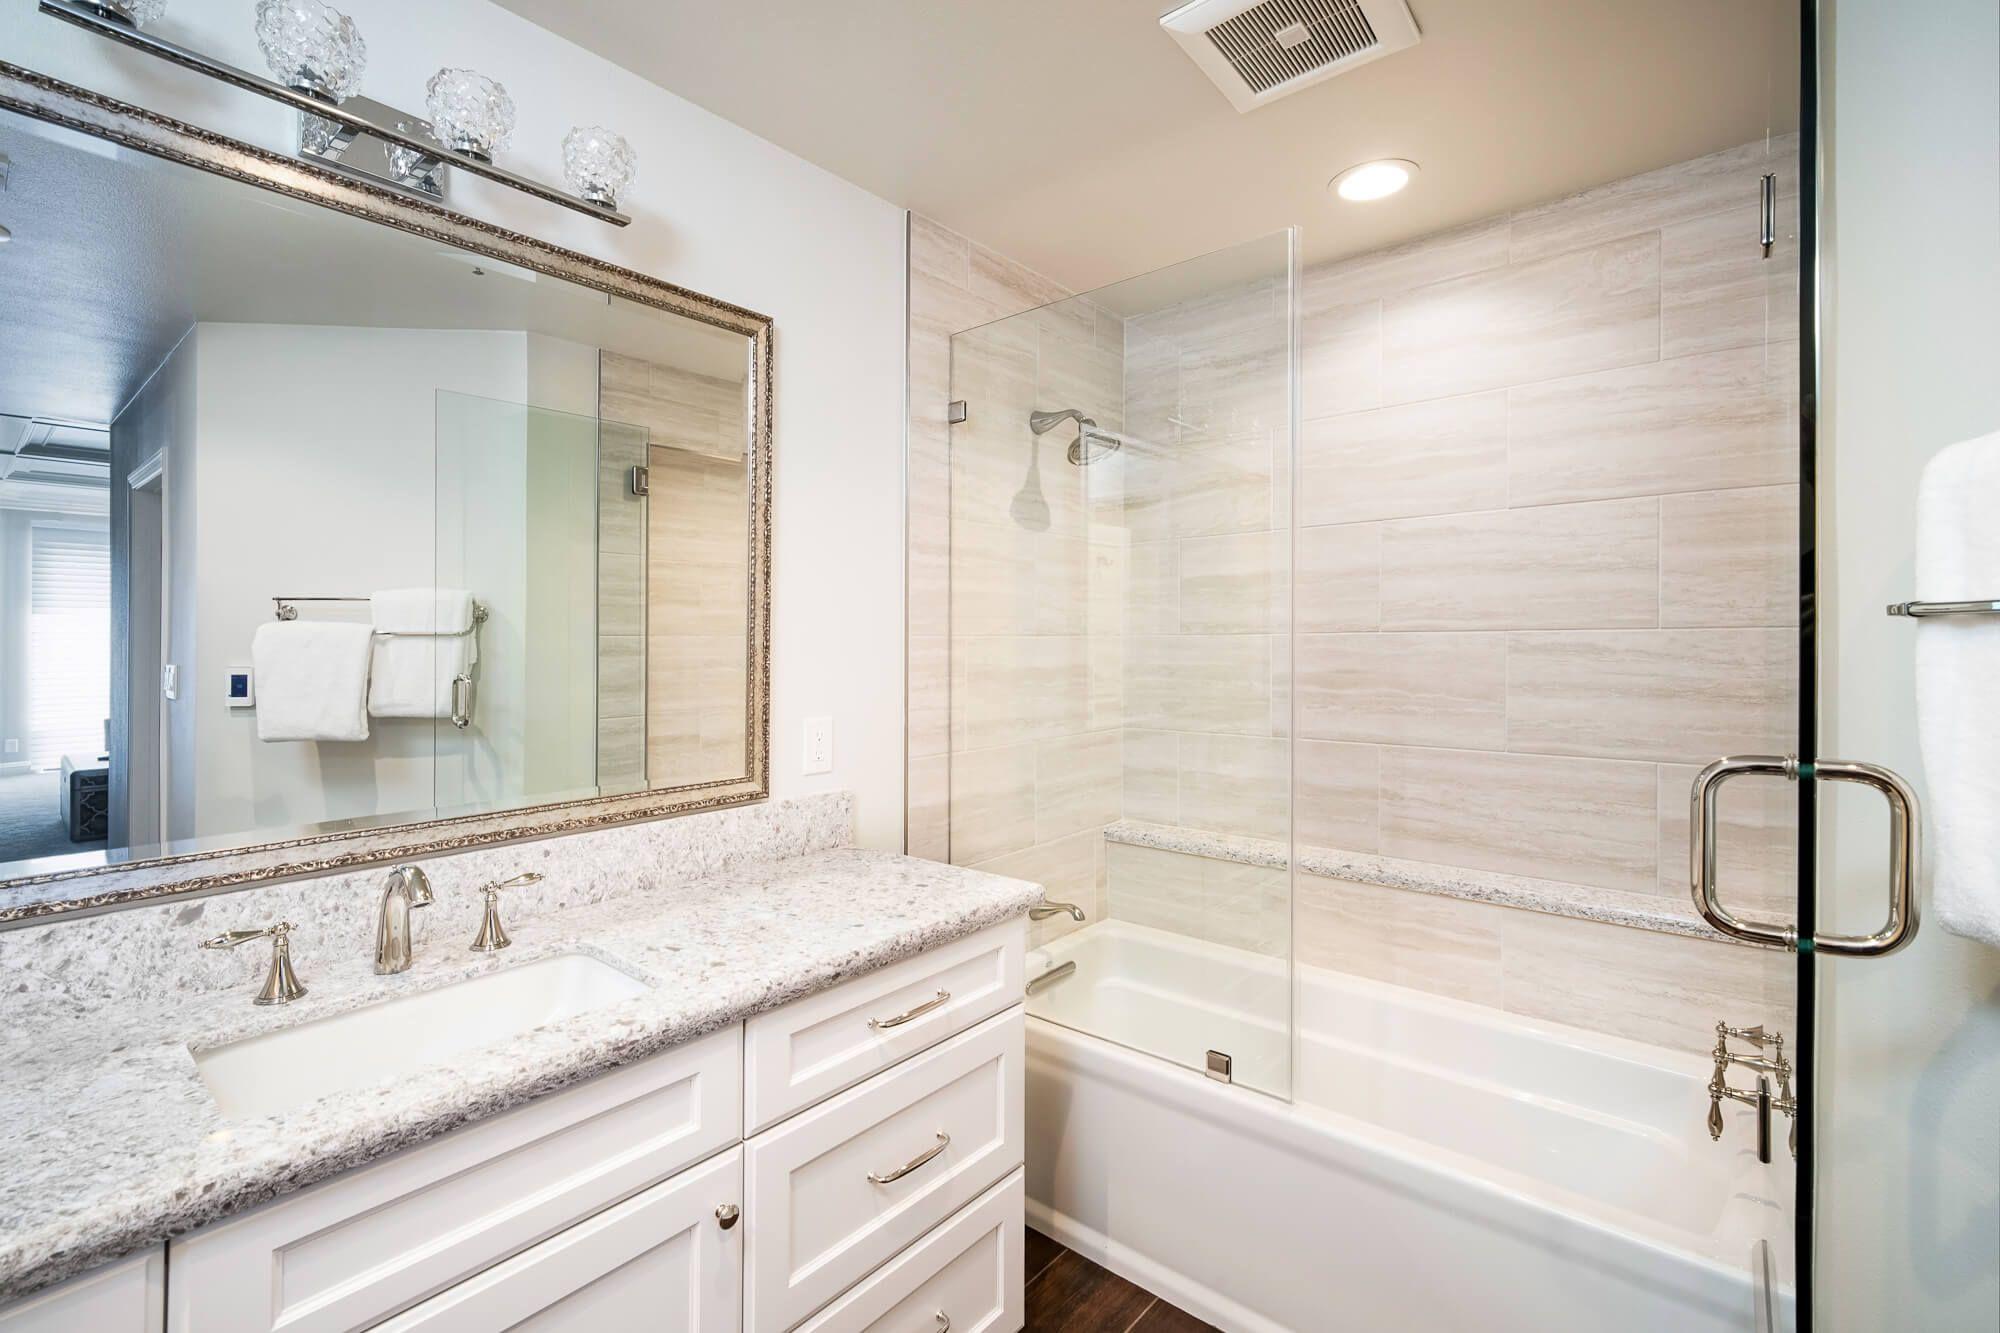 14 Fresh And Stylish Small Bathroom Remodel Add Storage Ideas Bathroom Remodel Cost Affordable Bathroom Remodel Bathrooms Remodel